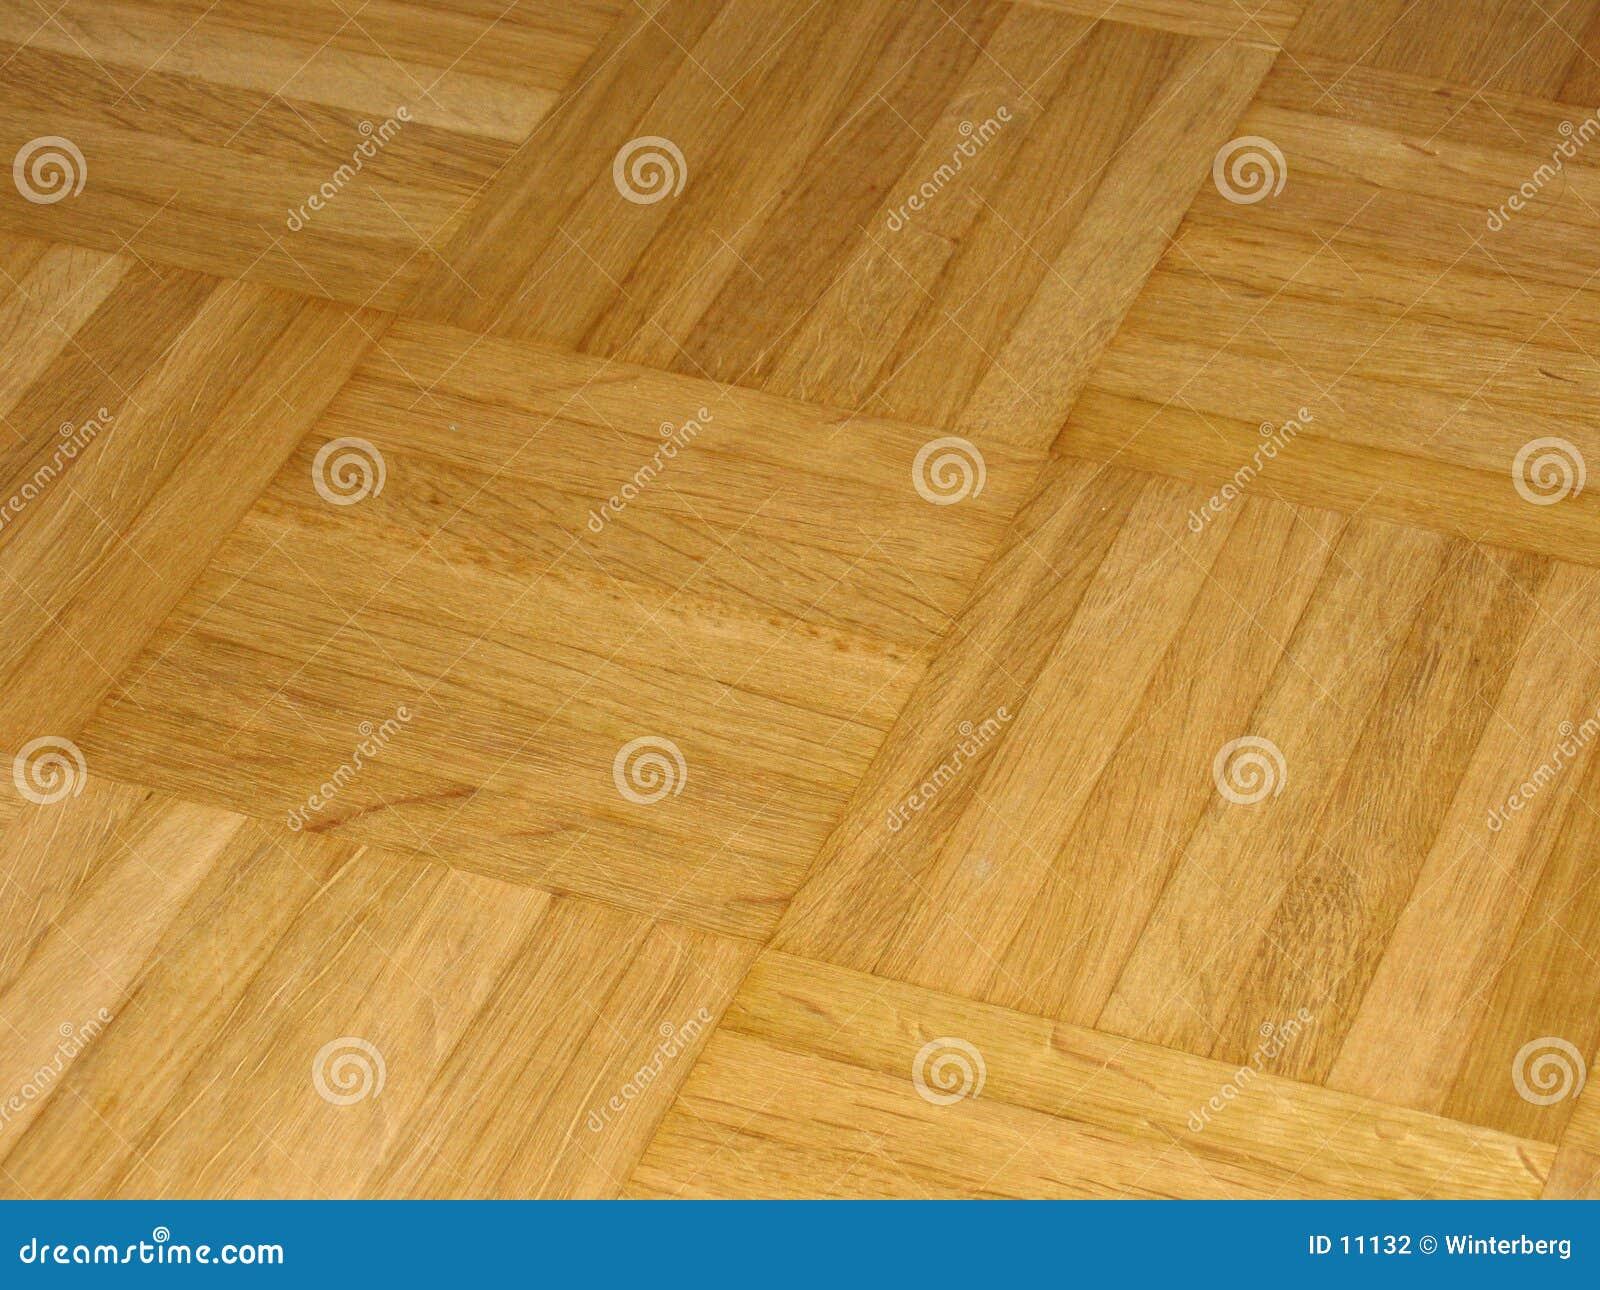 Parqet Floor